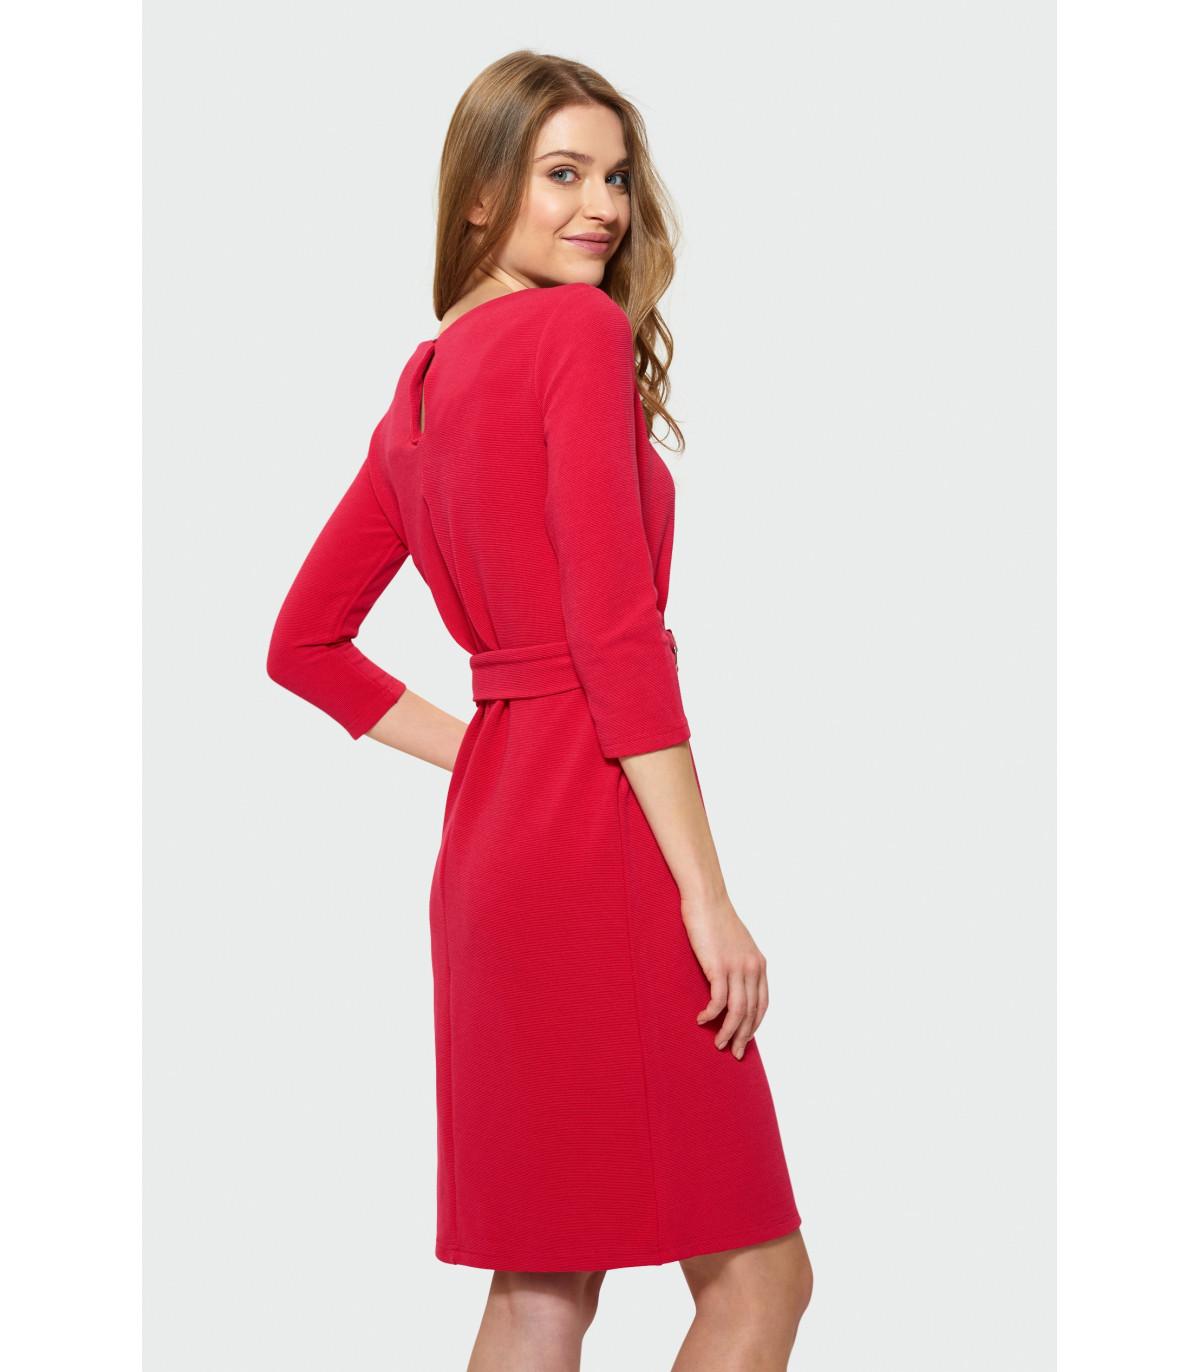 71112ccb66 Czerwona sukienka z paskiem Rozmiar 40 Kolor S19REROU